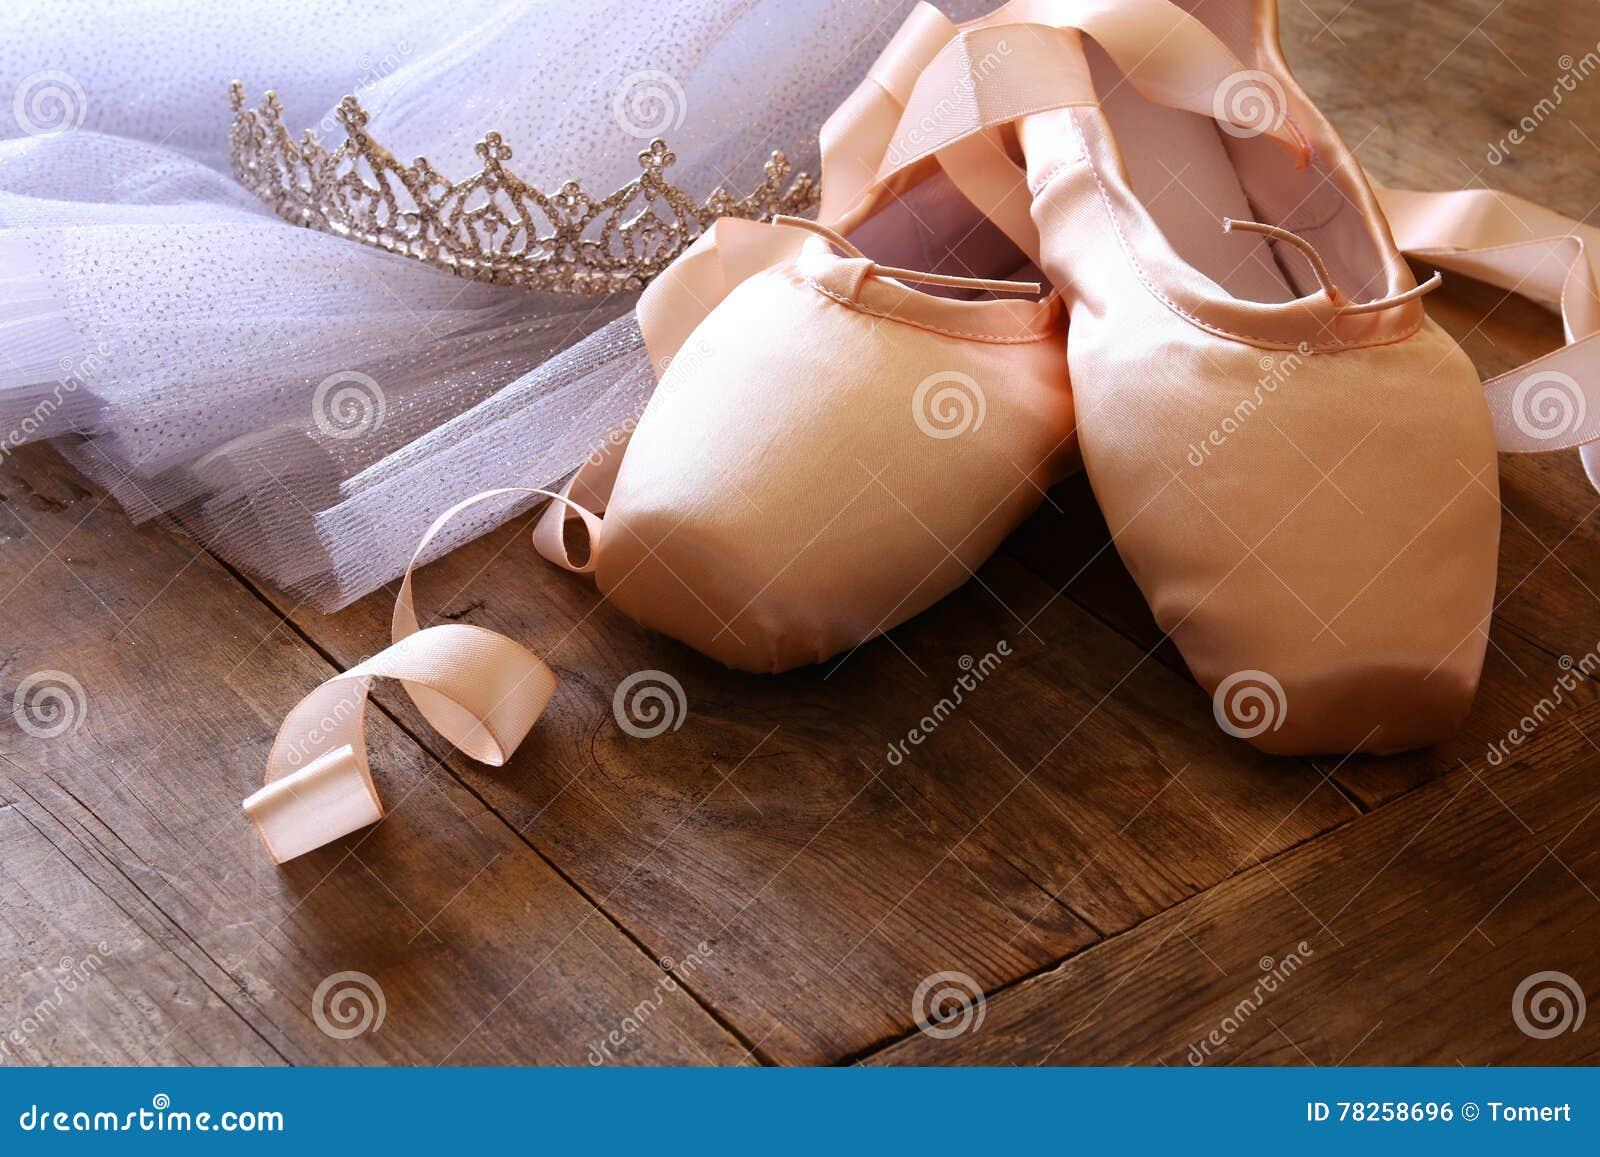 Εικόνα των παπουτσιών και του tutu μεταξιού pointe στο ξύλινο πάτωμα